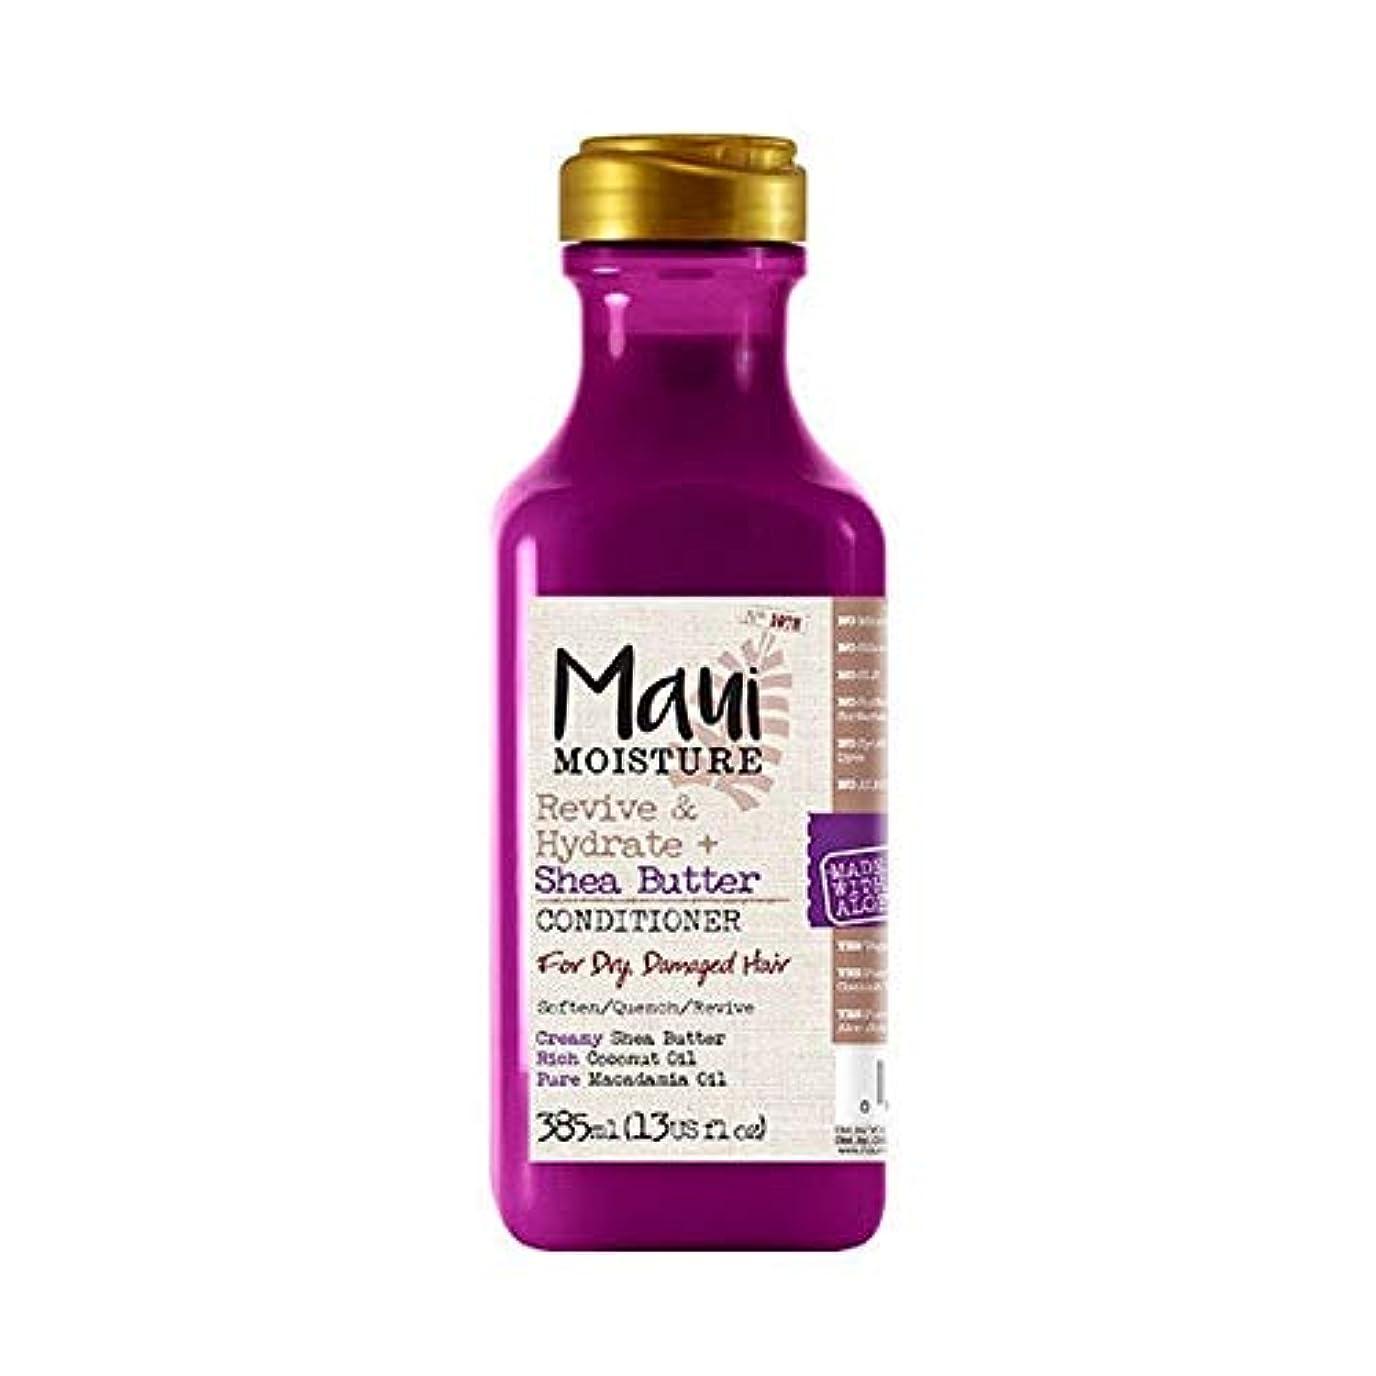 クライアント器官寝る[Maui Moisture ] マウイ水分がシアバターコンディショナーを復活&ハイドレート - Maui Moisture Revive & Hydrate Shea Butter Conditioner [並行輸入品]